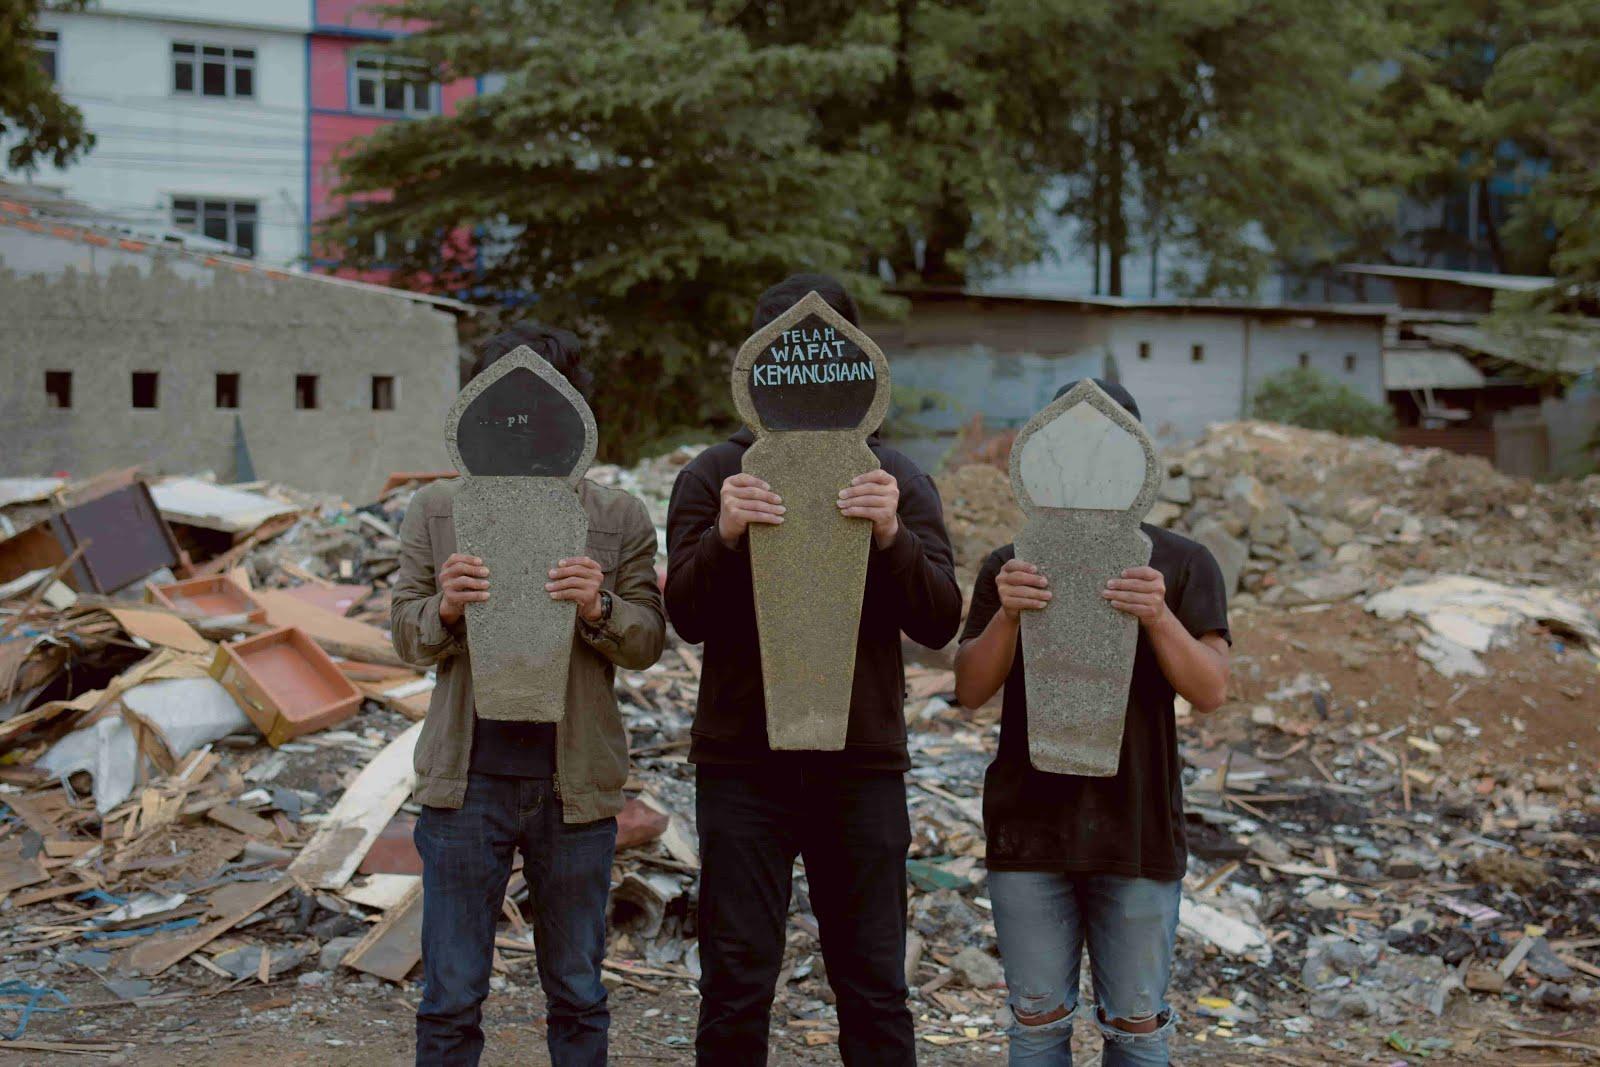 Kepada suasana berkabung untuk manusia yang kehilangan kemanusiaannya, DKTMI rilis